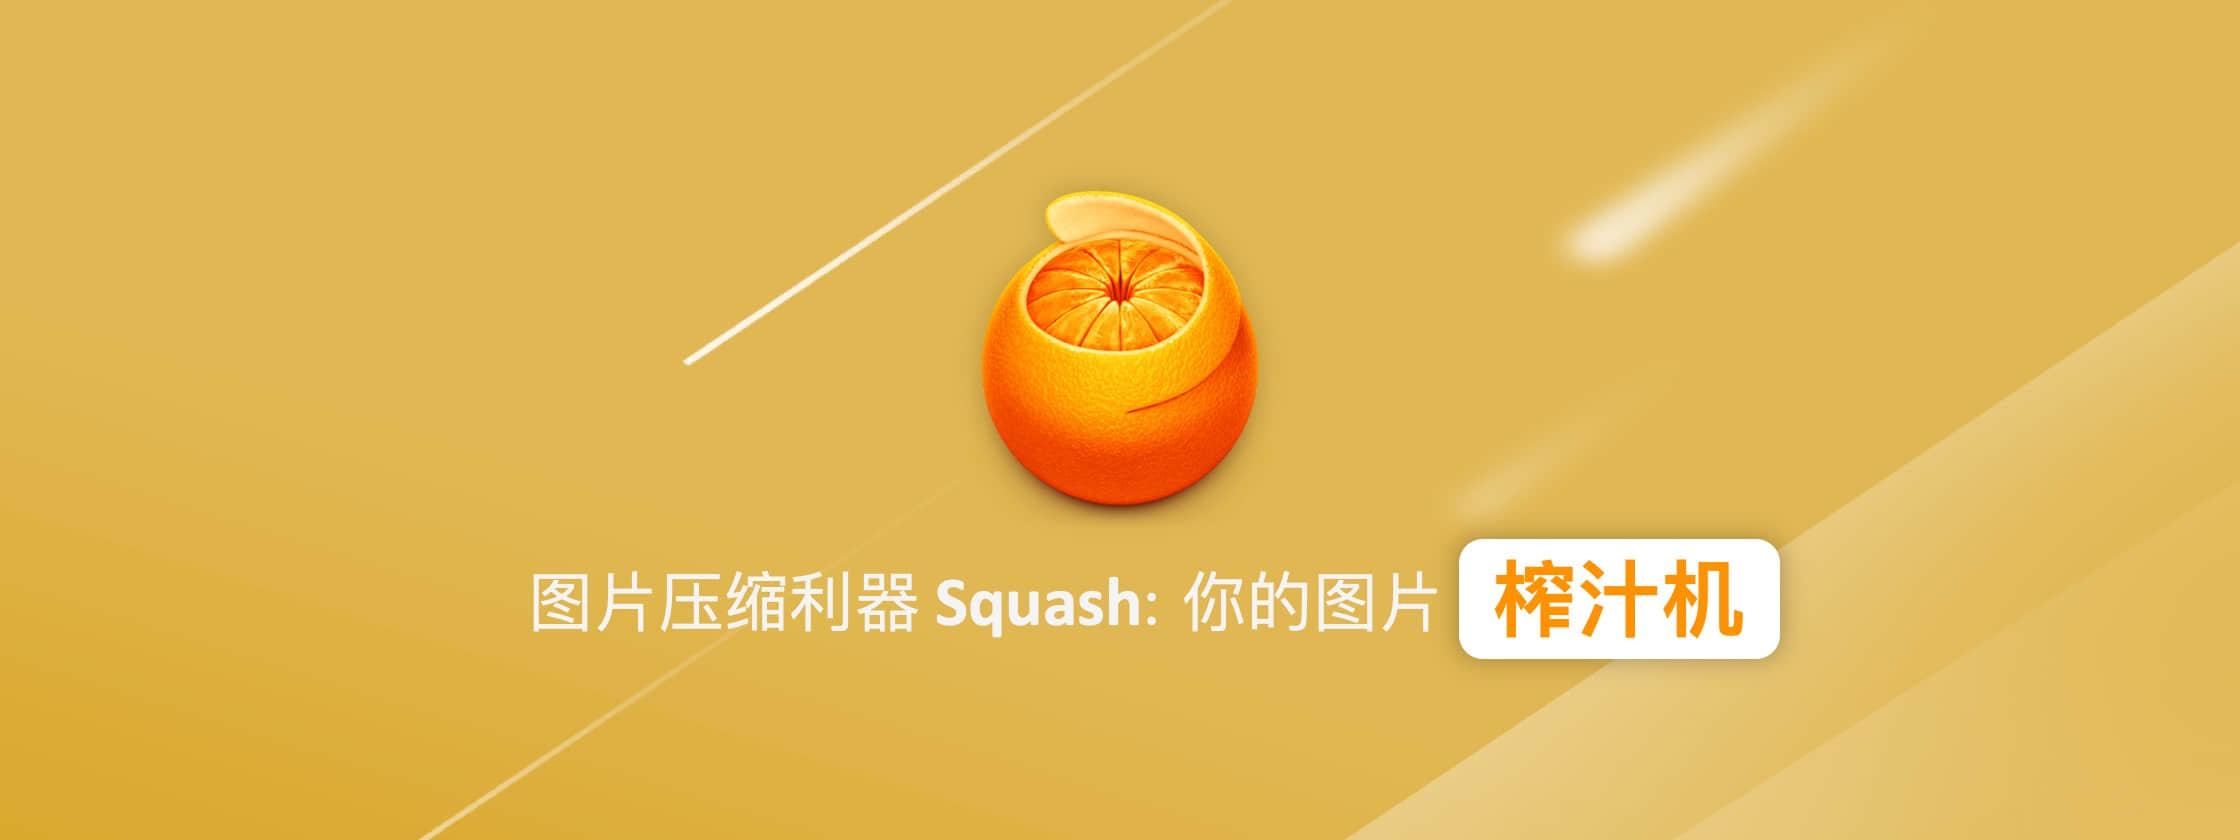 图片体积大不好保存?在线压缩怕不安全?快来试试 Squash